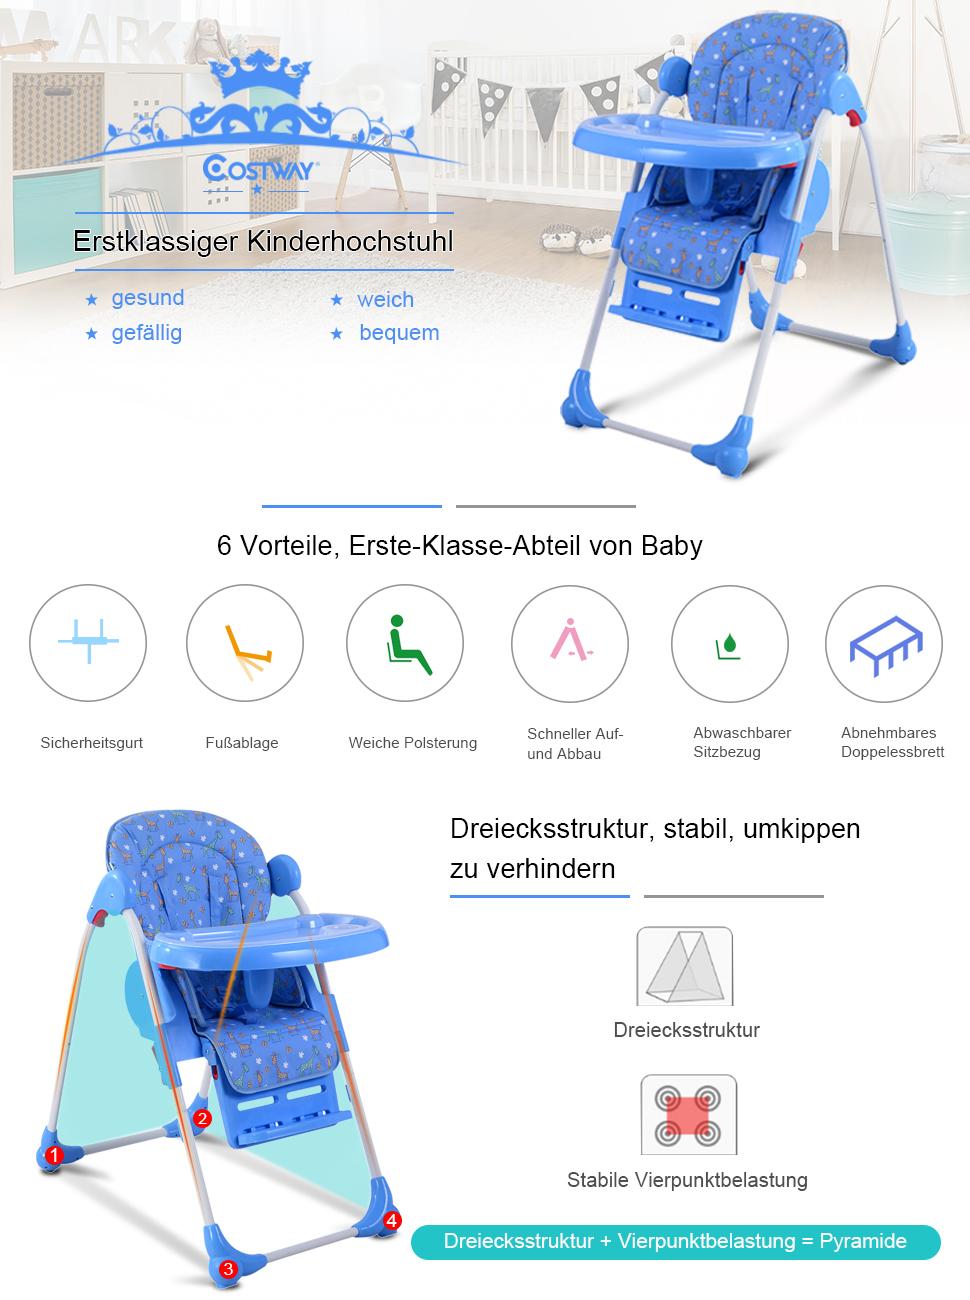 costway hochstuhl kinderhochstuhl babyhochstuhl hochsitz treppenhochstuhl farbwahl klappbar. Black Bedroom Furniture Sets. Home Design Ideas